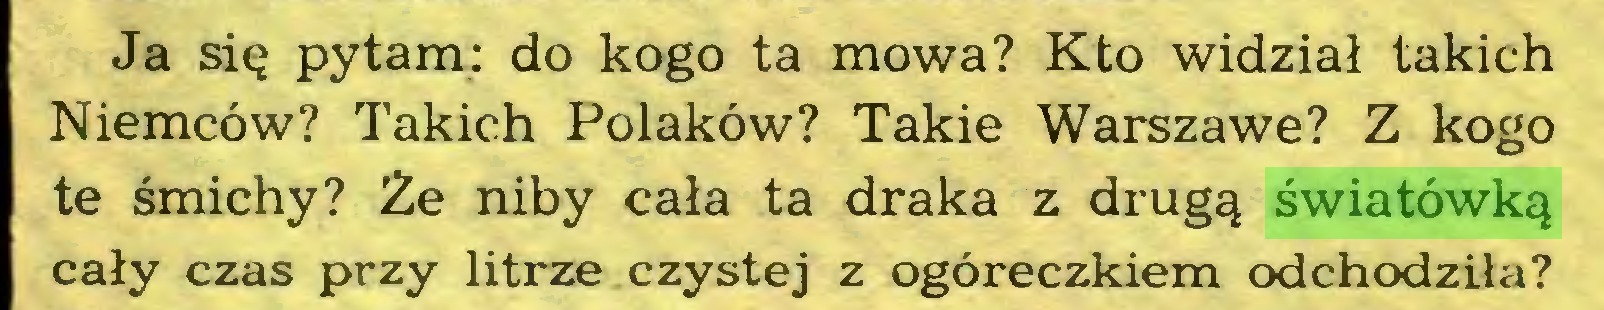 (...) Ja się pytam: do kogo ta mowa? Kto widział takich Niemców? Takich Polaków? Takie Warszawę? Z kogo te śmichy? Że niby cała ta draka z drugą światówką cały czas przy litrze czystej z ogóreczkiem odchodziła?...